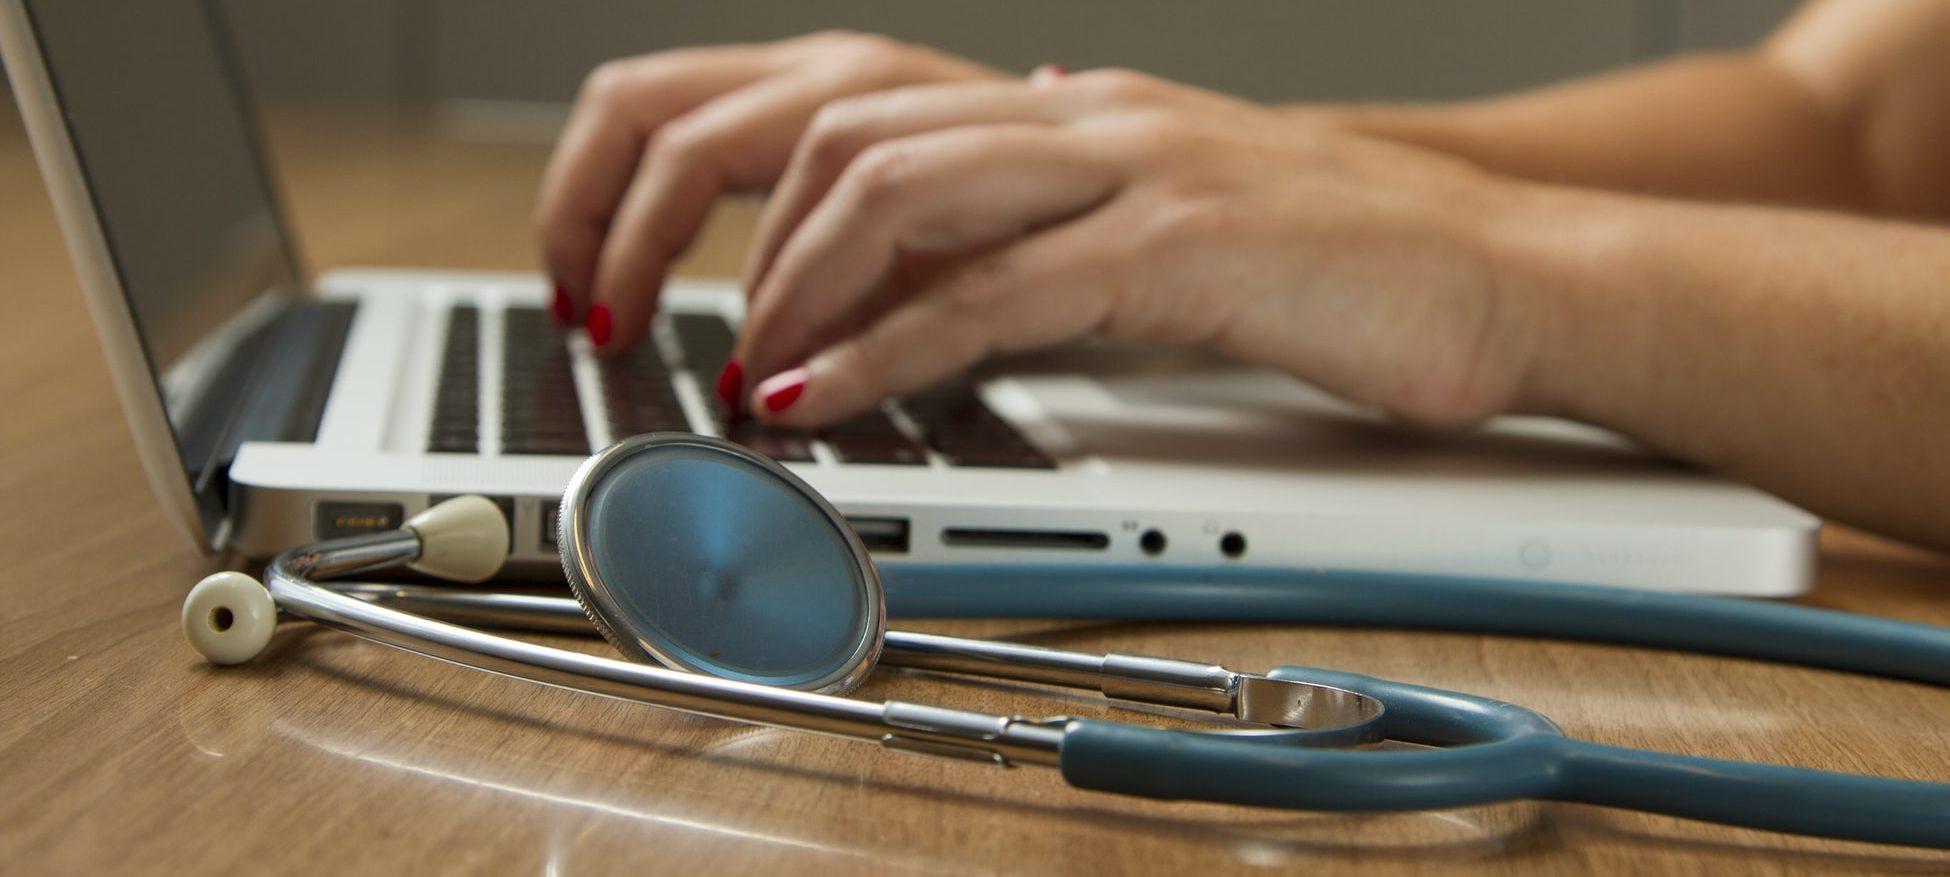 производственный контроль в медицинских учреждениях